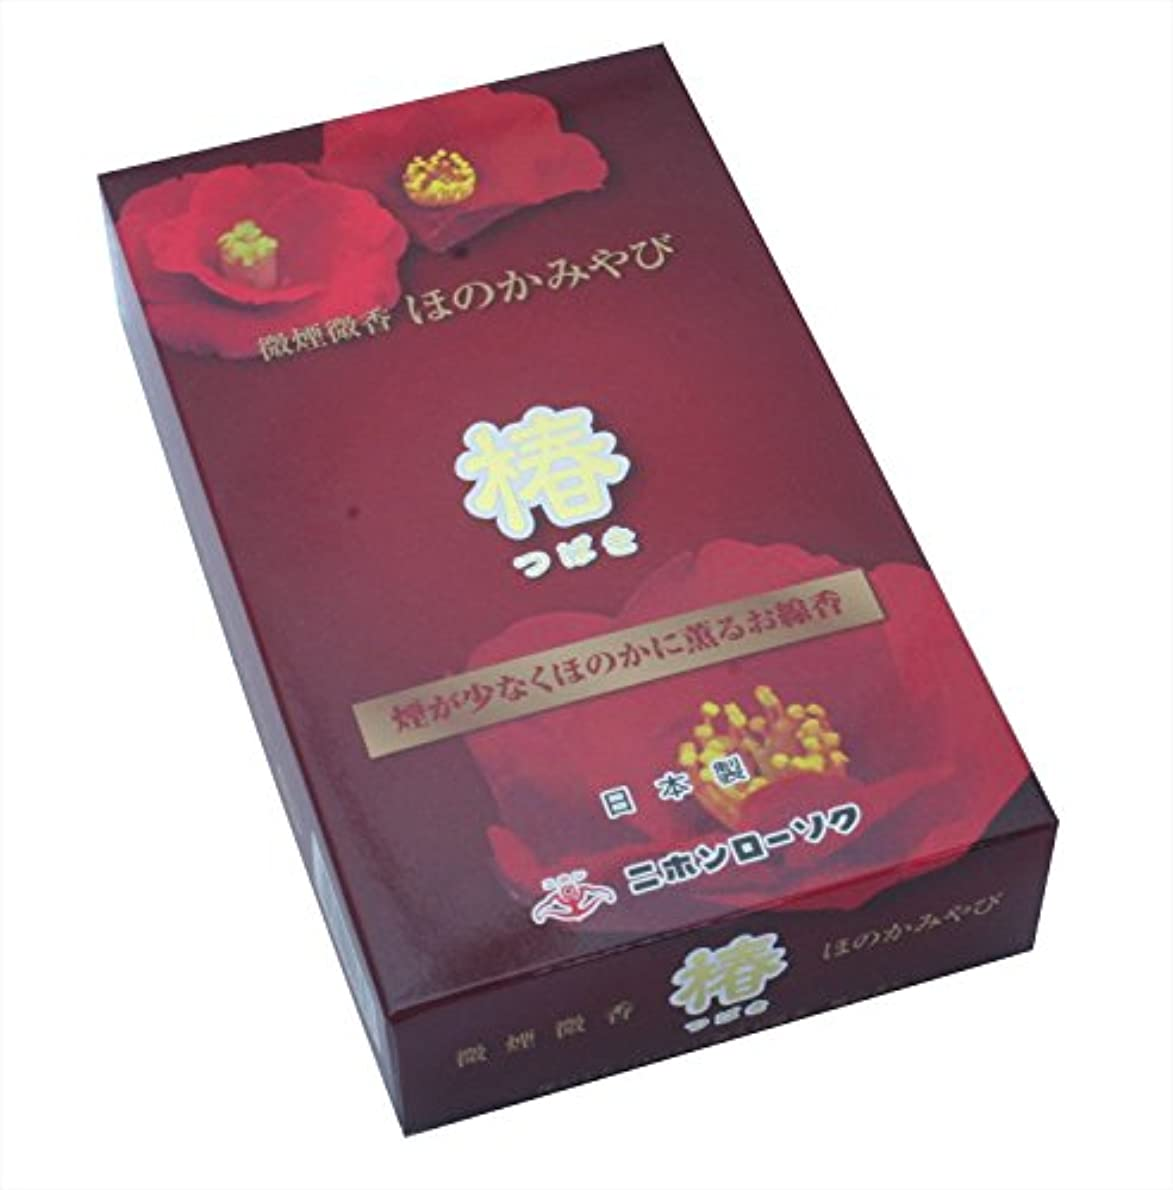 ニホンローソク 椿シリーズ 微煙微香 ほのかみやび 椿TSUBAKI